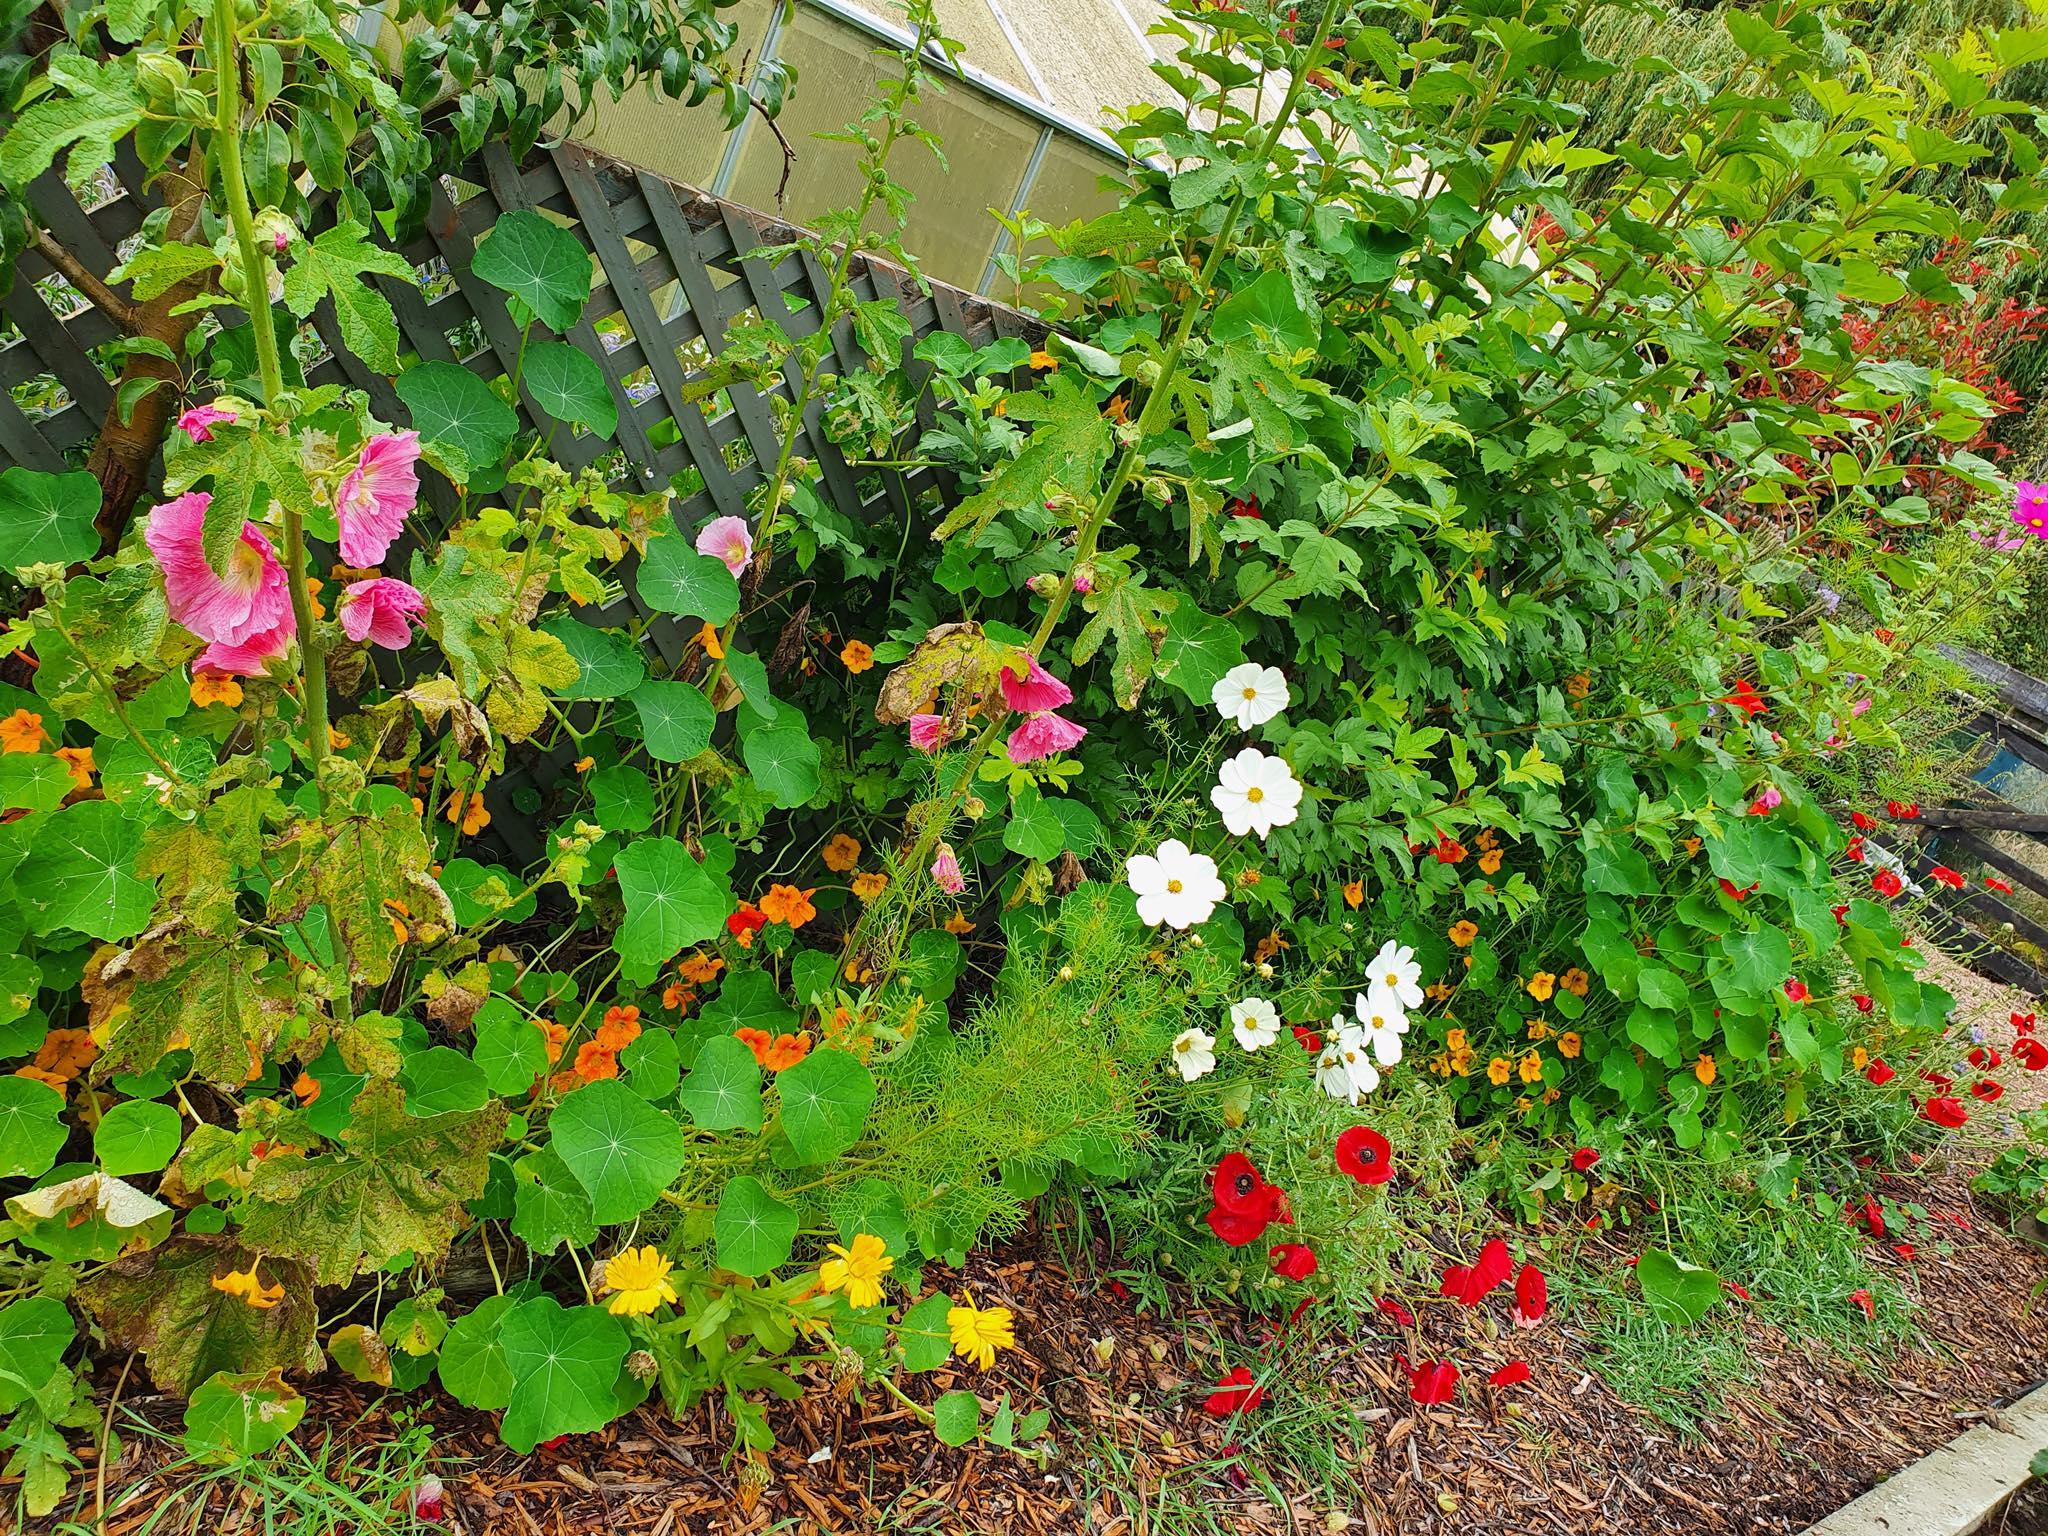 Khu vườn 225m² trồng toàn rau hữu cơ xanh tốt nhờ bí quyết dễ làm của bà mẹ trẻ đảm đang - Ảnh 6.